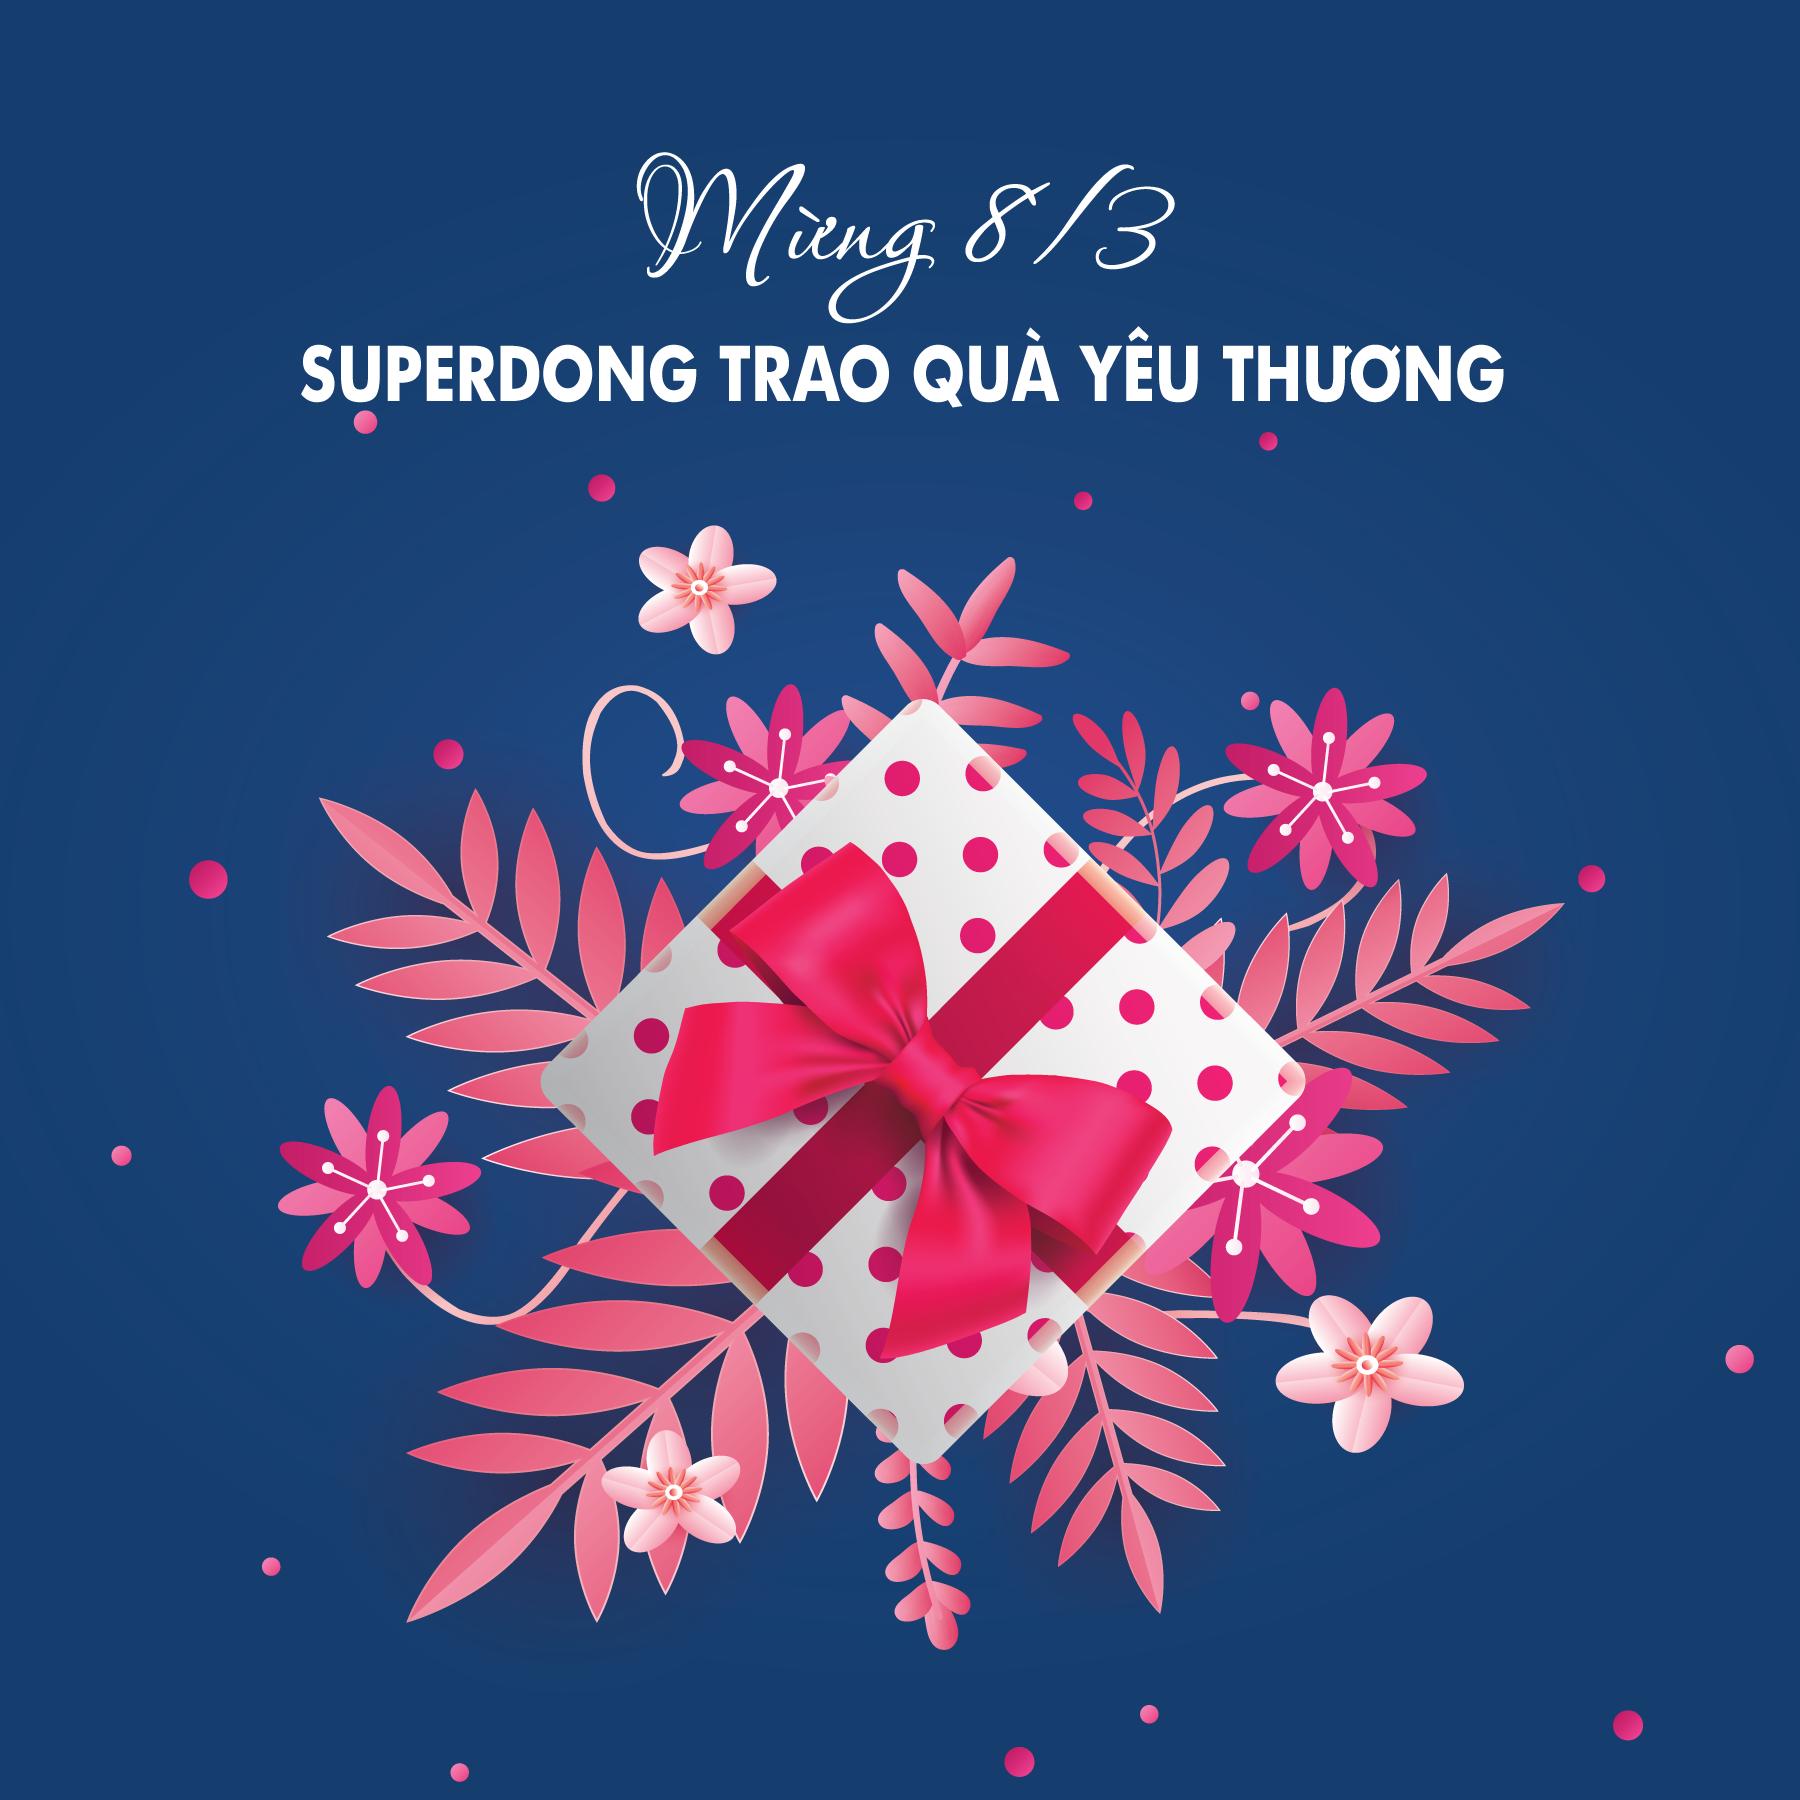 Mãi đồng hành - trọn yêu thương Superdong mừng ngày quốc tế phụ nữ 08-03